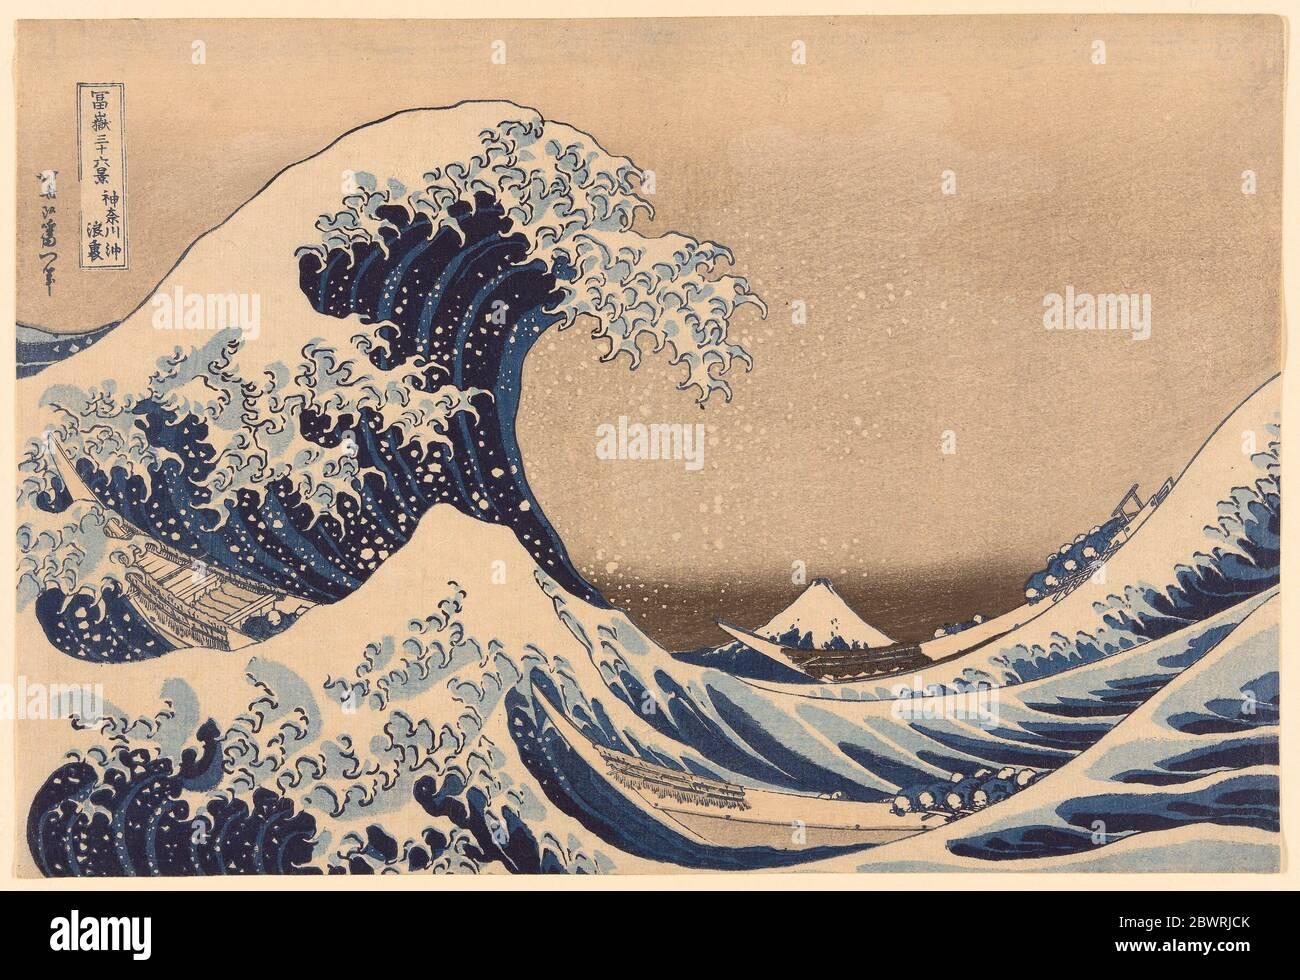 Autore: Katsushika Hokusai. Sotto l'onda fuori Kanagawa (Kanagawa oki nami ura), anche noto come la Grande onda, dalla serie 'trentasei viste Foto Stock